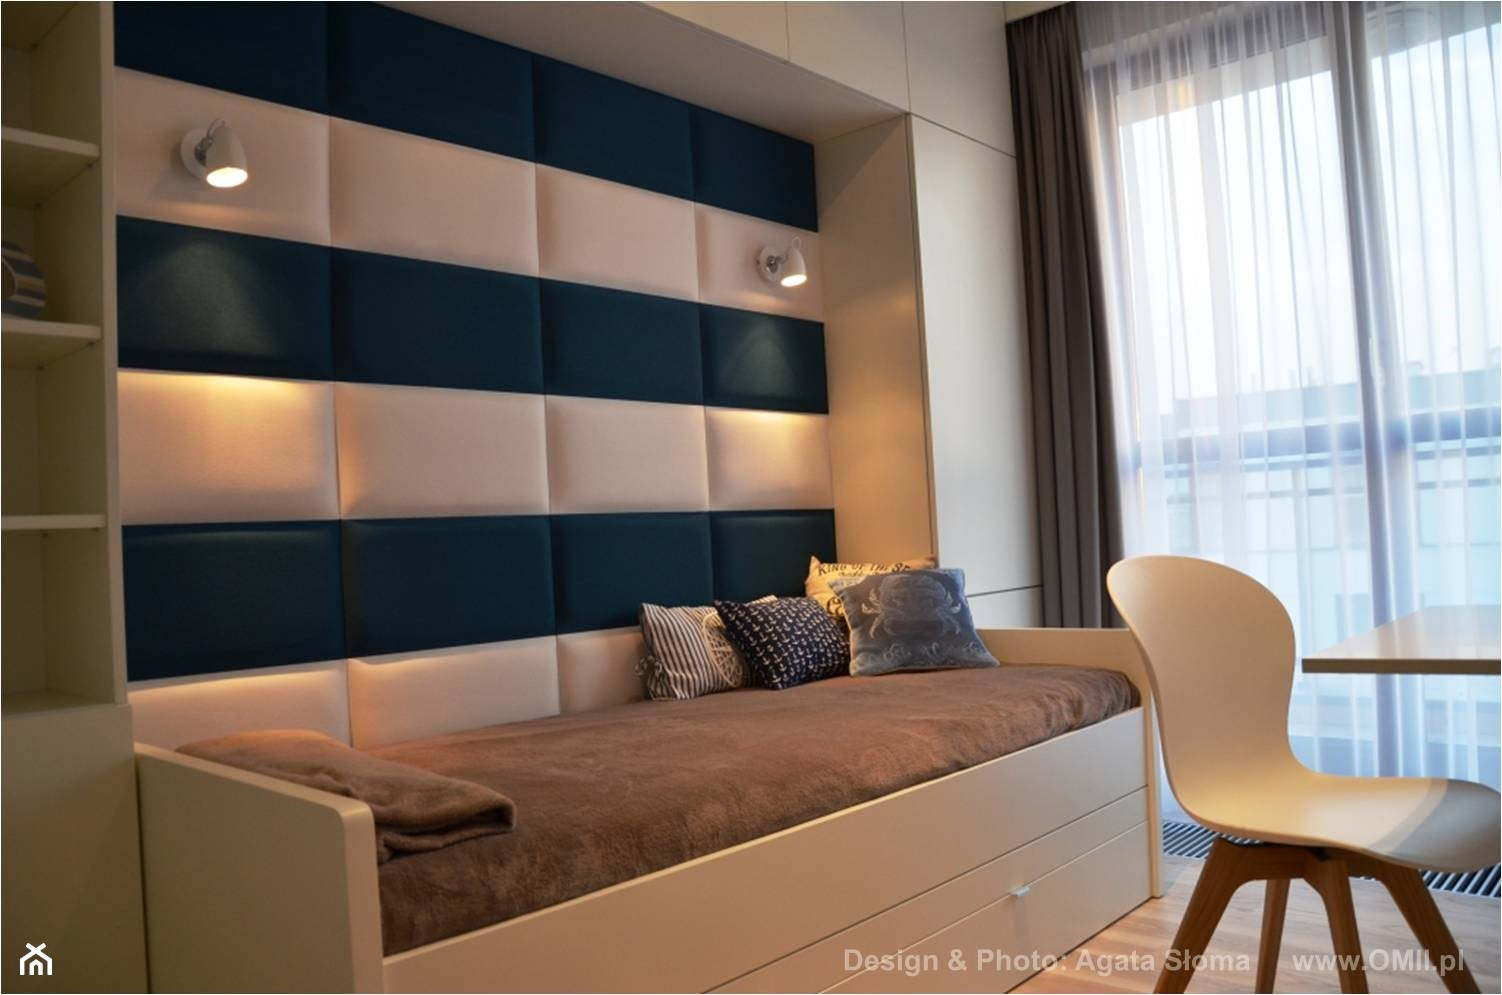 pokój dziecięcy z dodatkowym łóżkiem - zdjęcie od OMII. Agata Słoma - Homebook